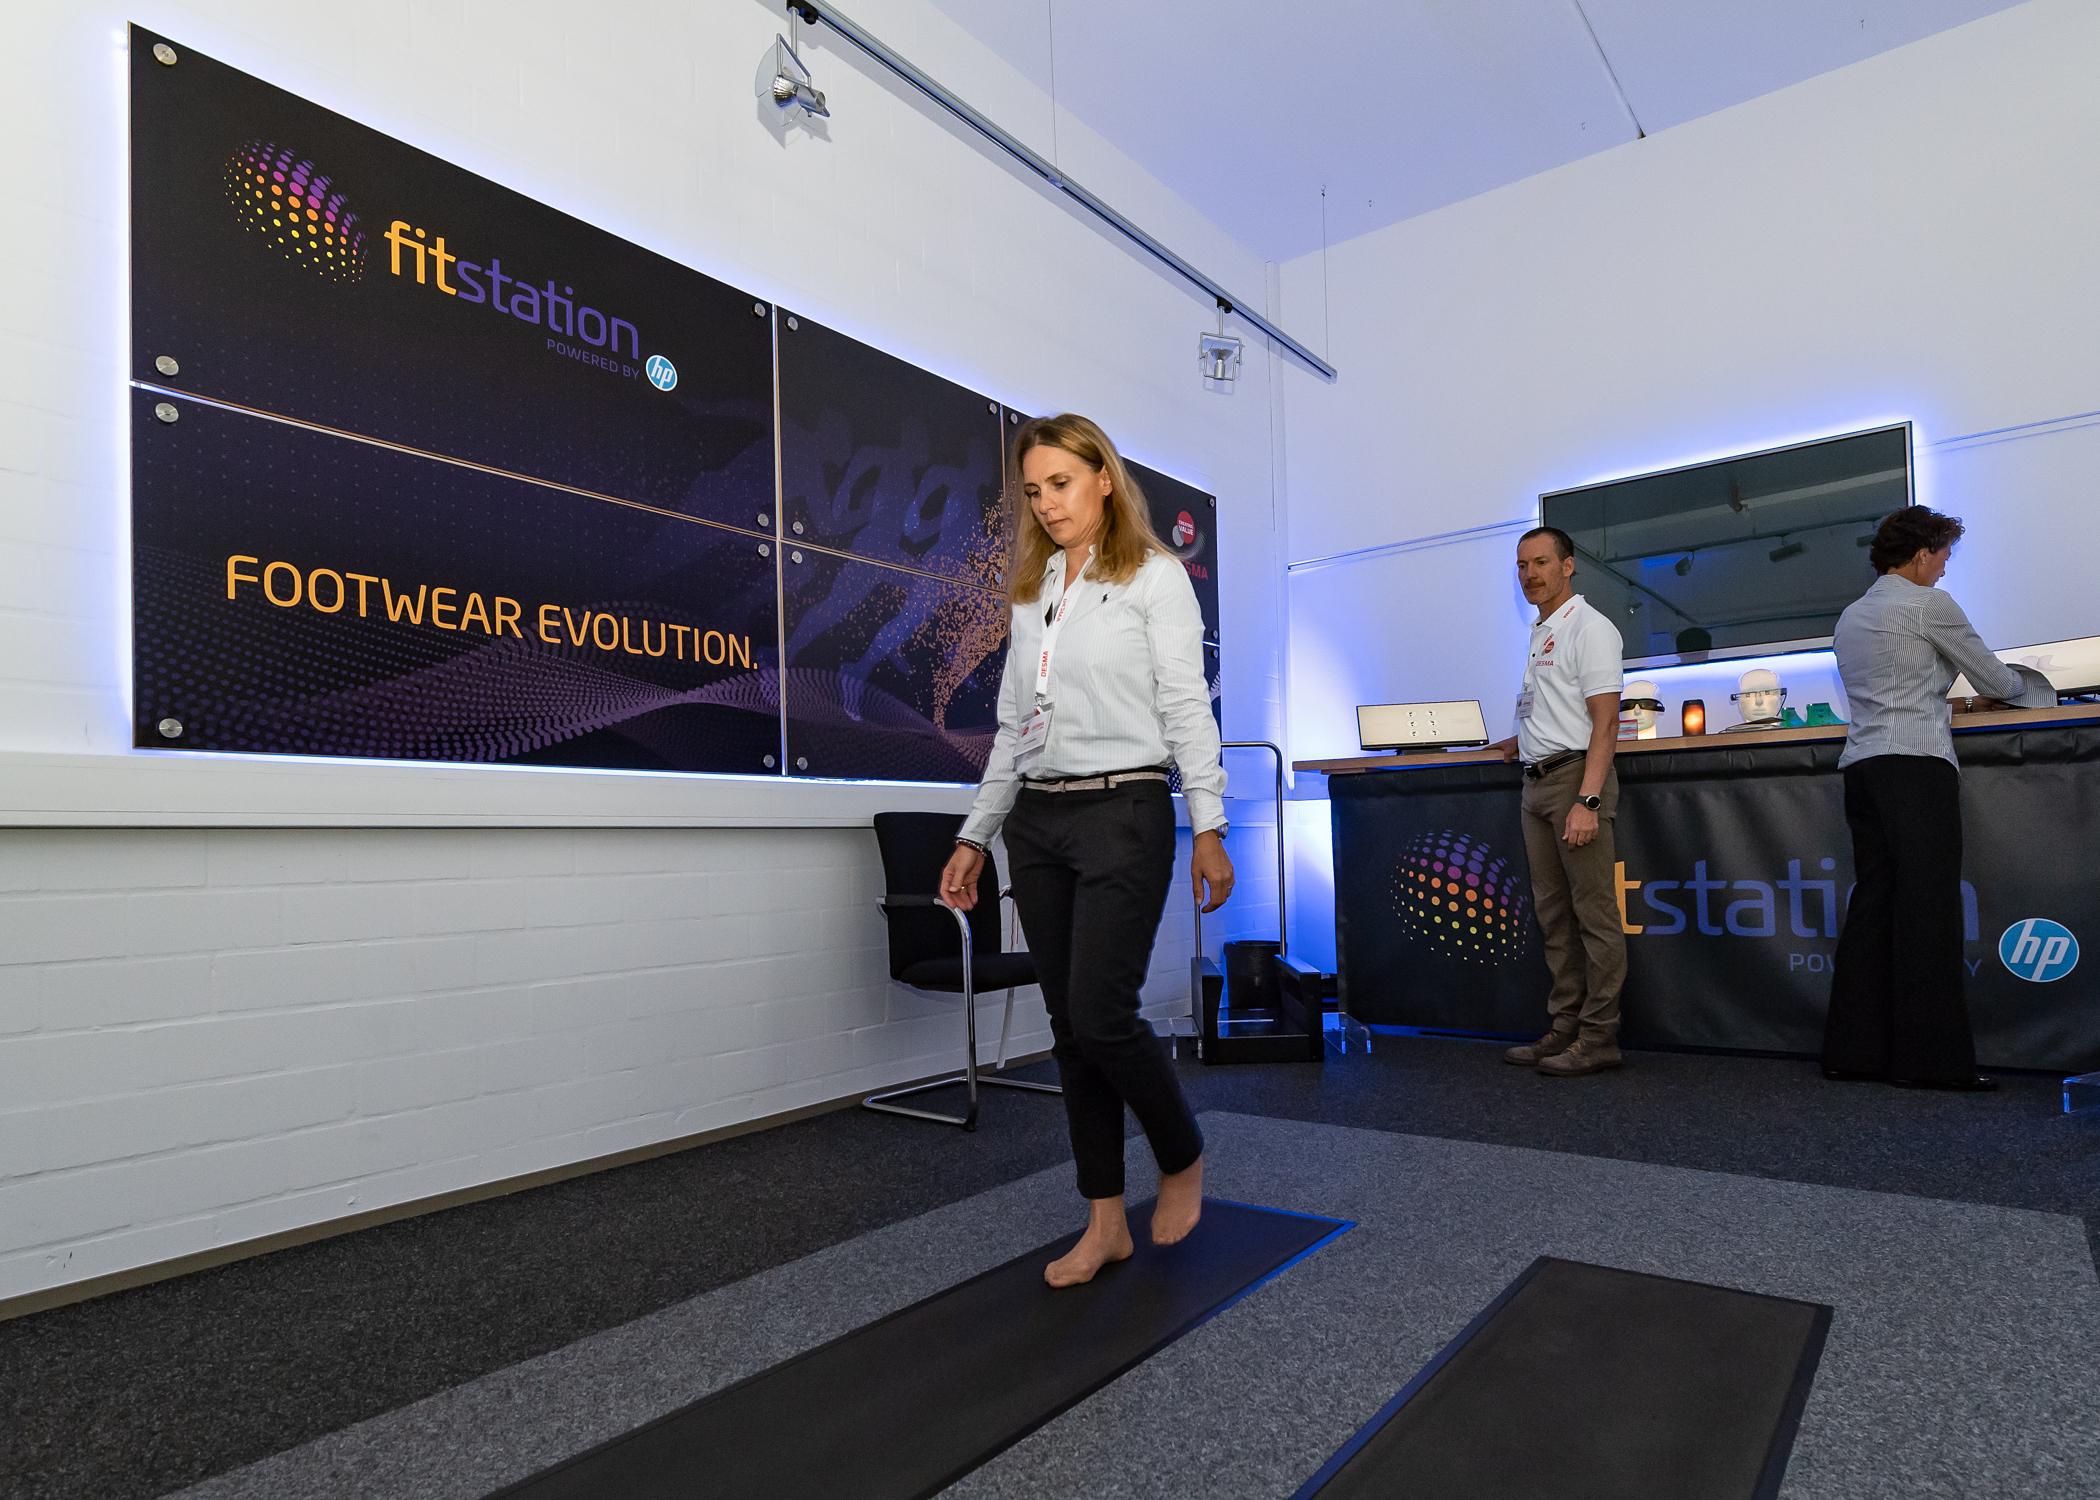 Gehbewegungen analysieren und so Daten für individualisierte Schuhmodelle gewinnen: Eine der Zukunfts-Ideen von Desma, Bild: Desma